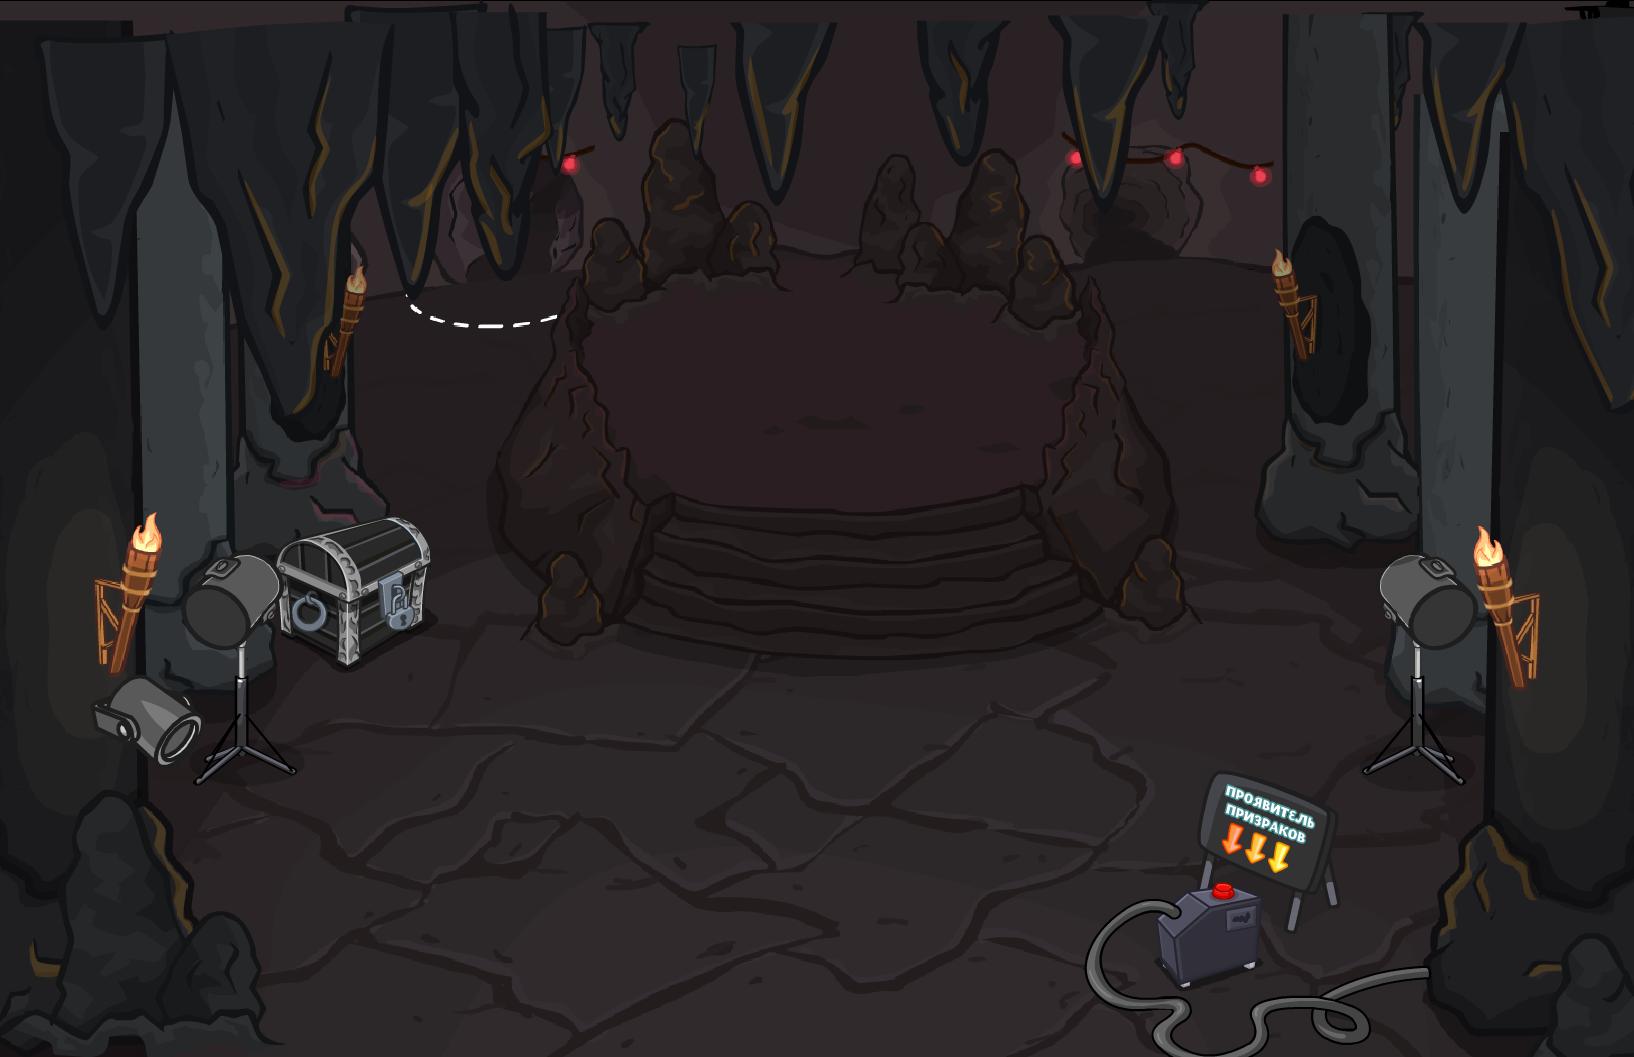 Клуб с призраками